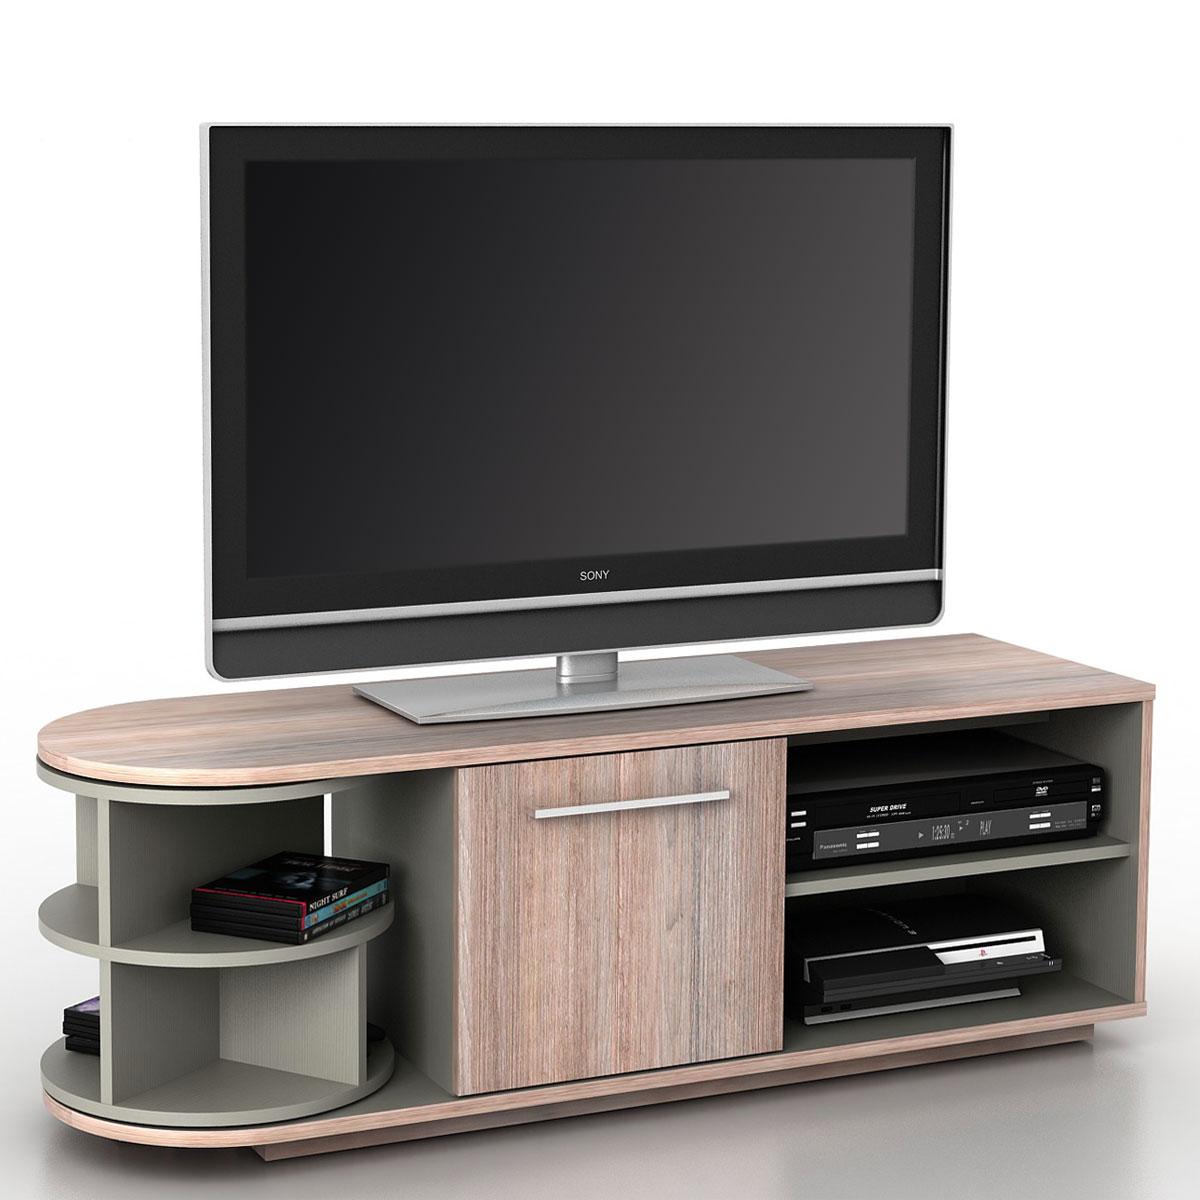 Mobile porta tv tavolino salotto arau t729 mdf 40x120x45cm for Salotto con tv